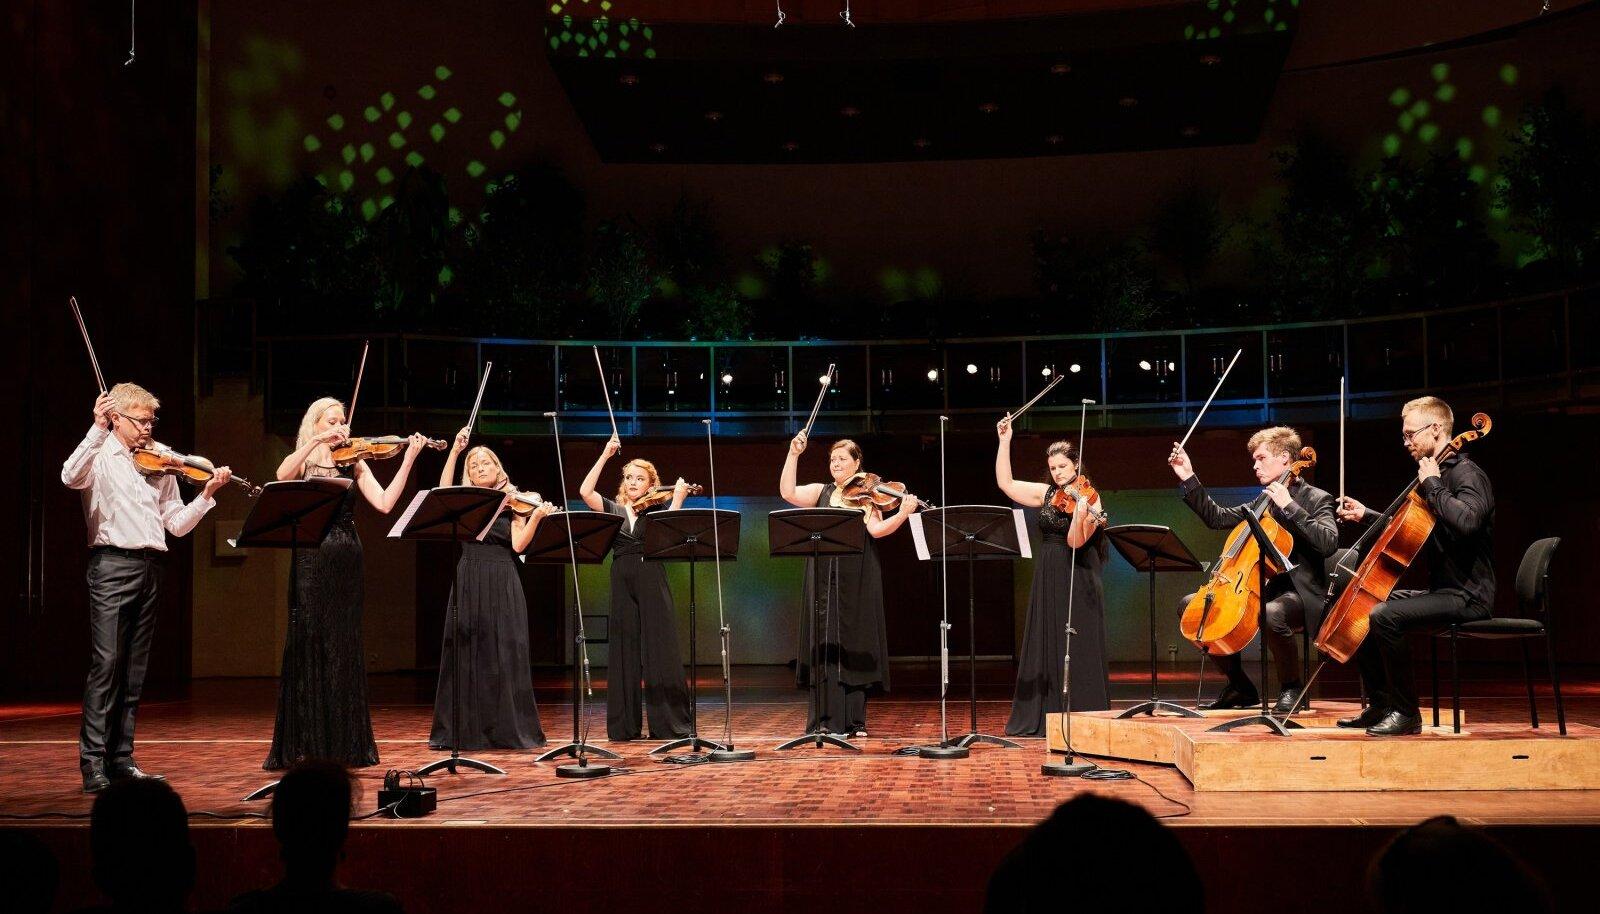 """Kontserdil """"Eesti Pillifondi kõla"""" esinesid andekad eesti muusikud, kes mängisid rariteetsetel meistripillidel."""